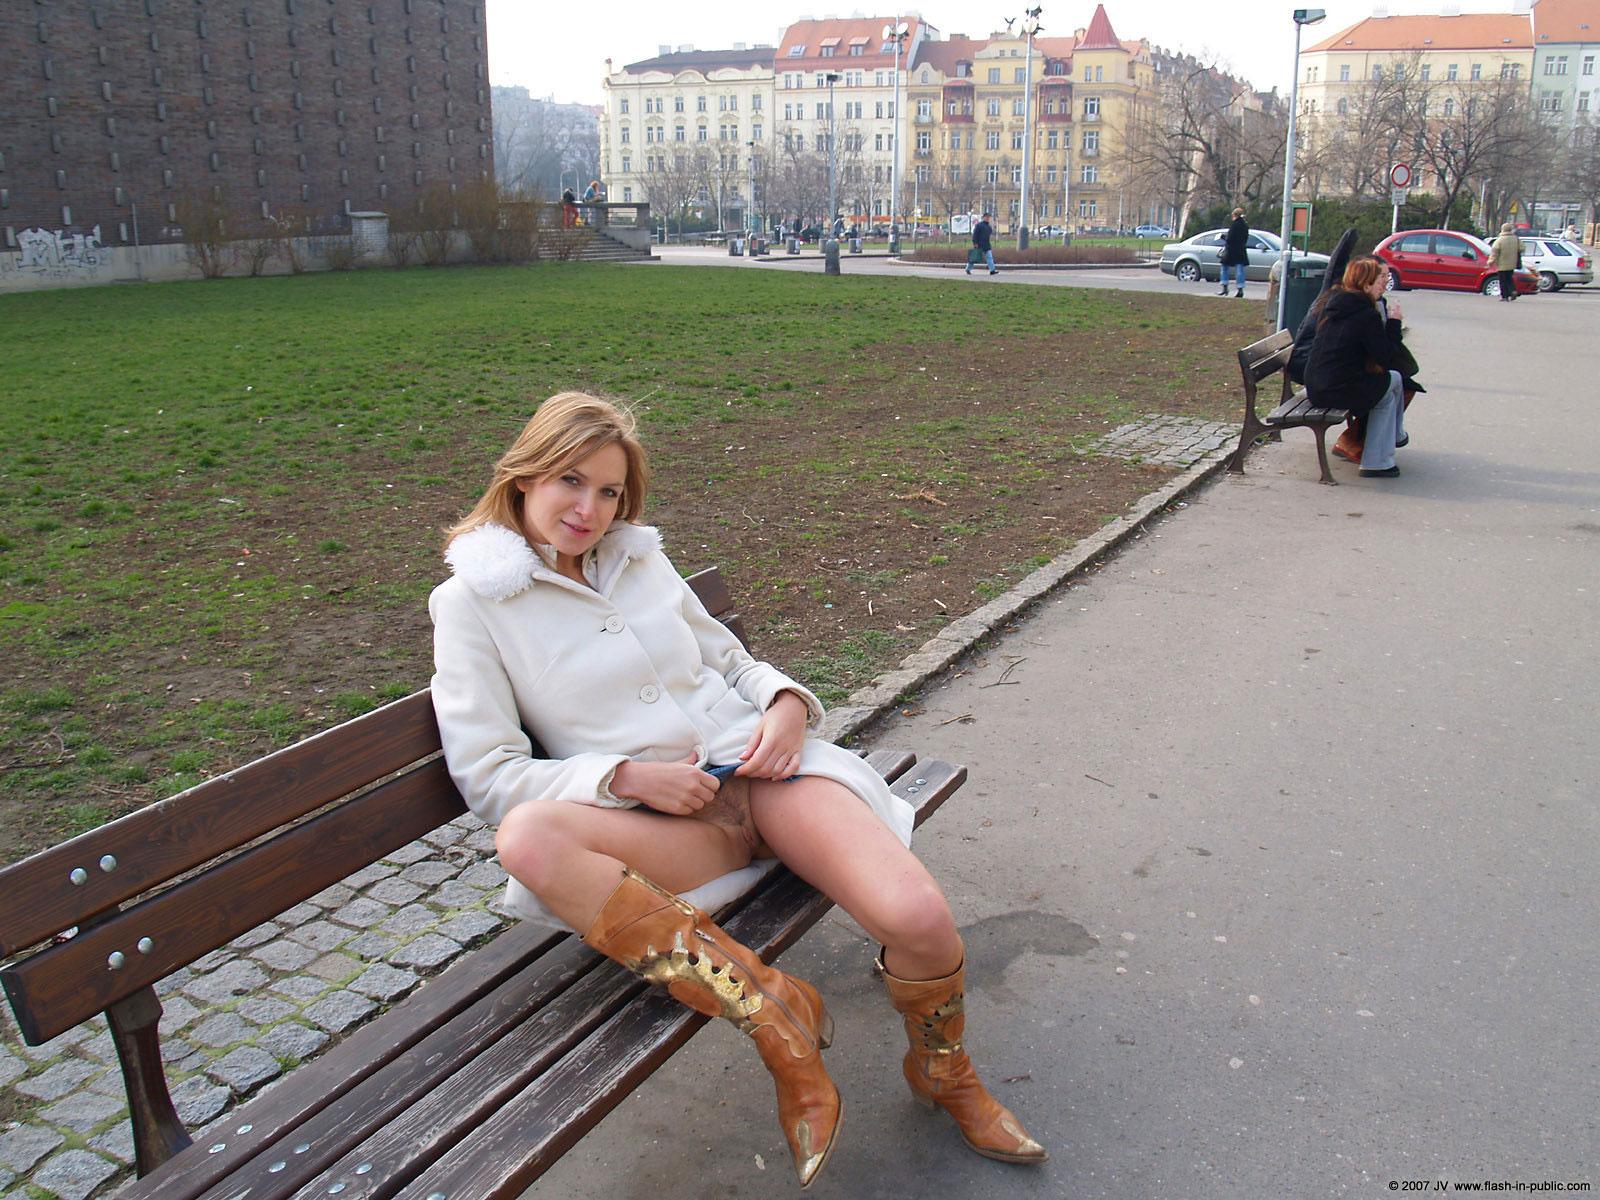 Случайная эротика на улицах, девушки в общаге играют в сексуальные игры видео